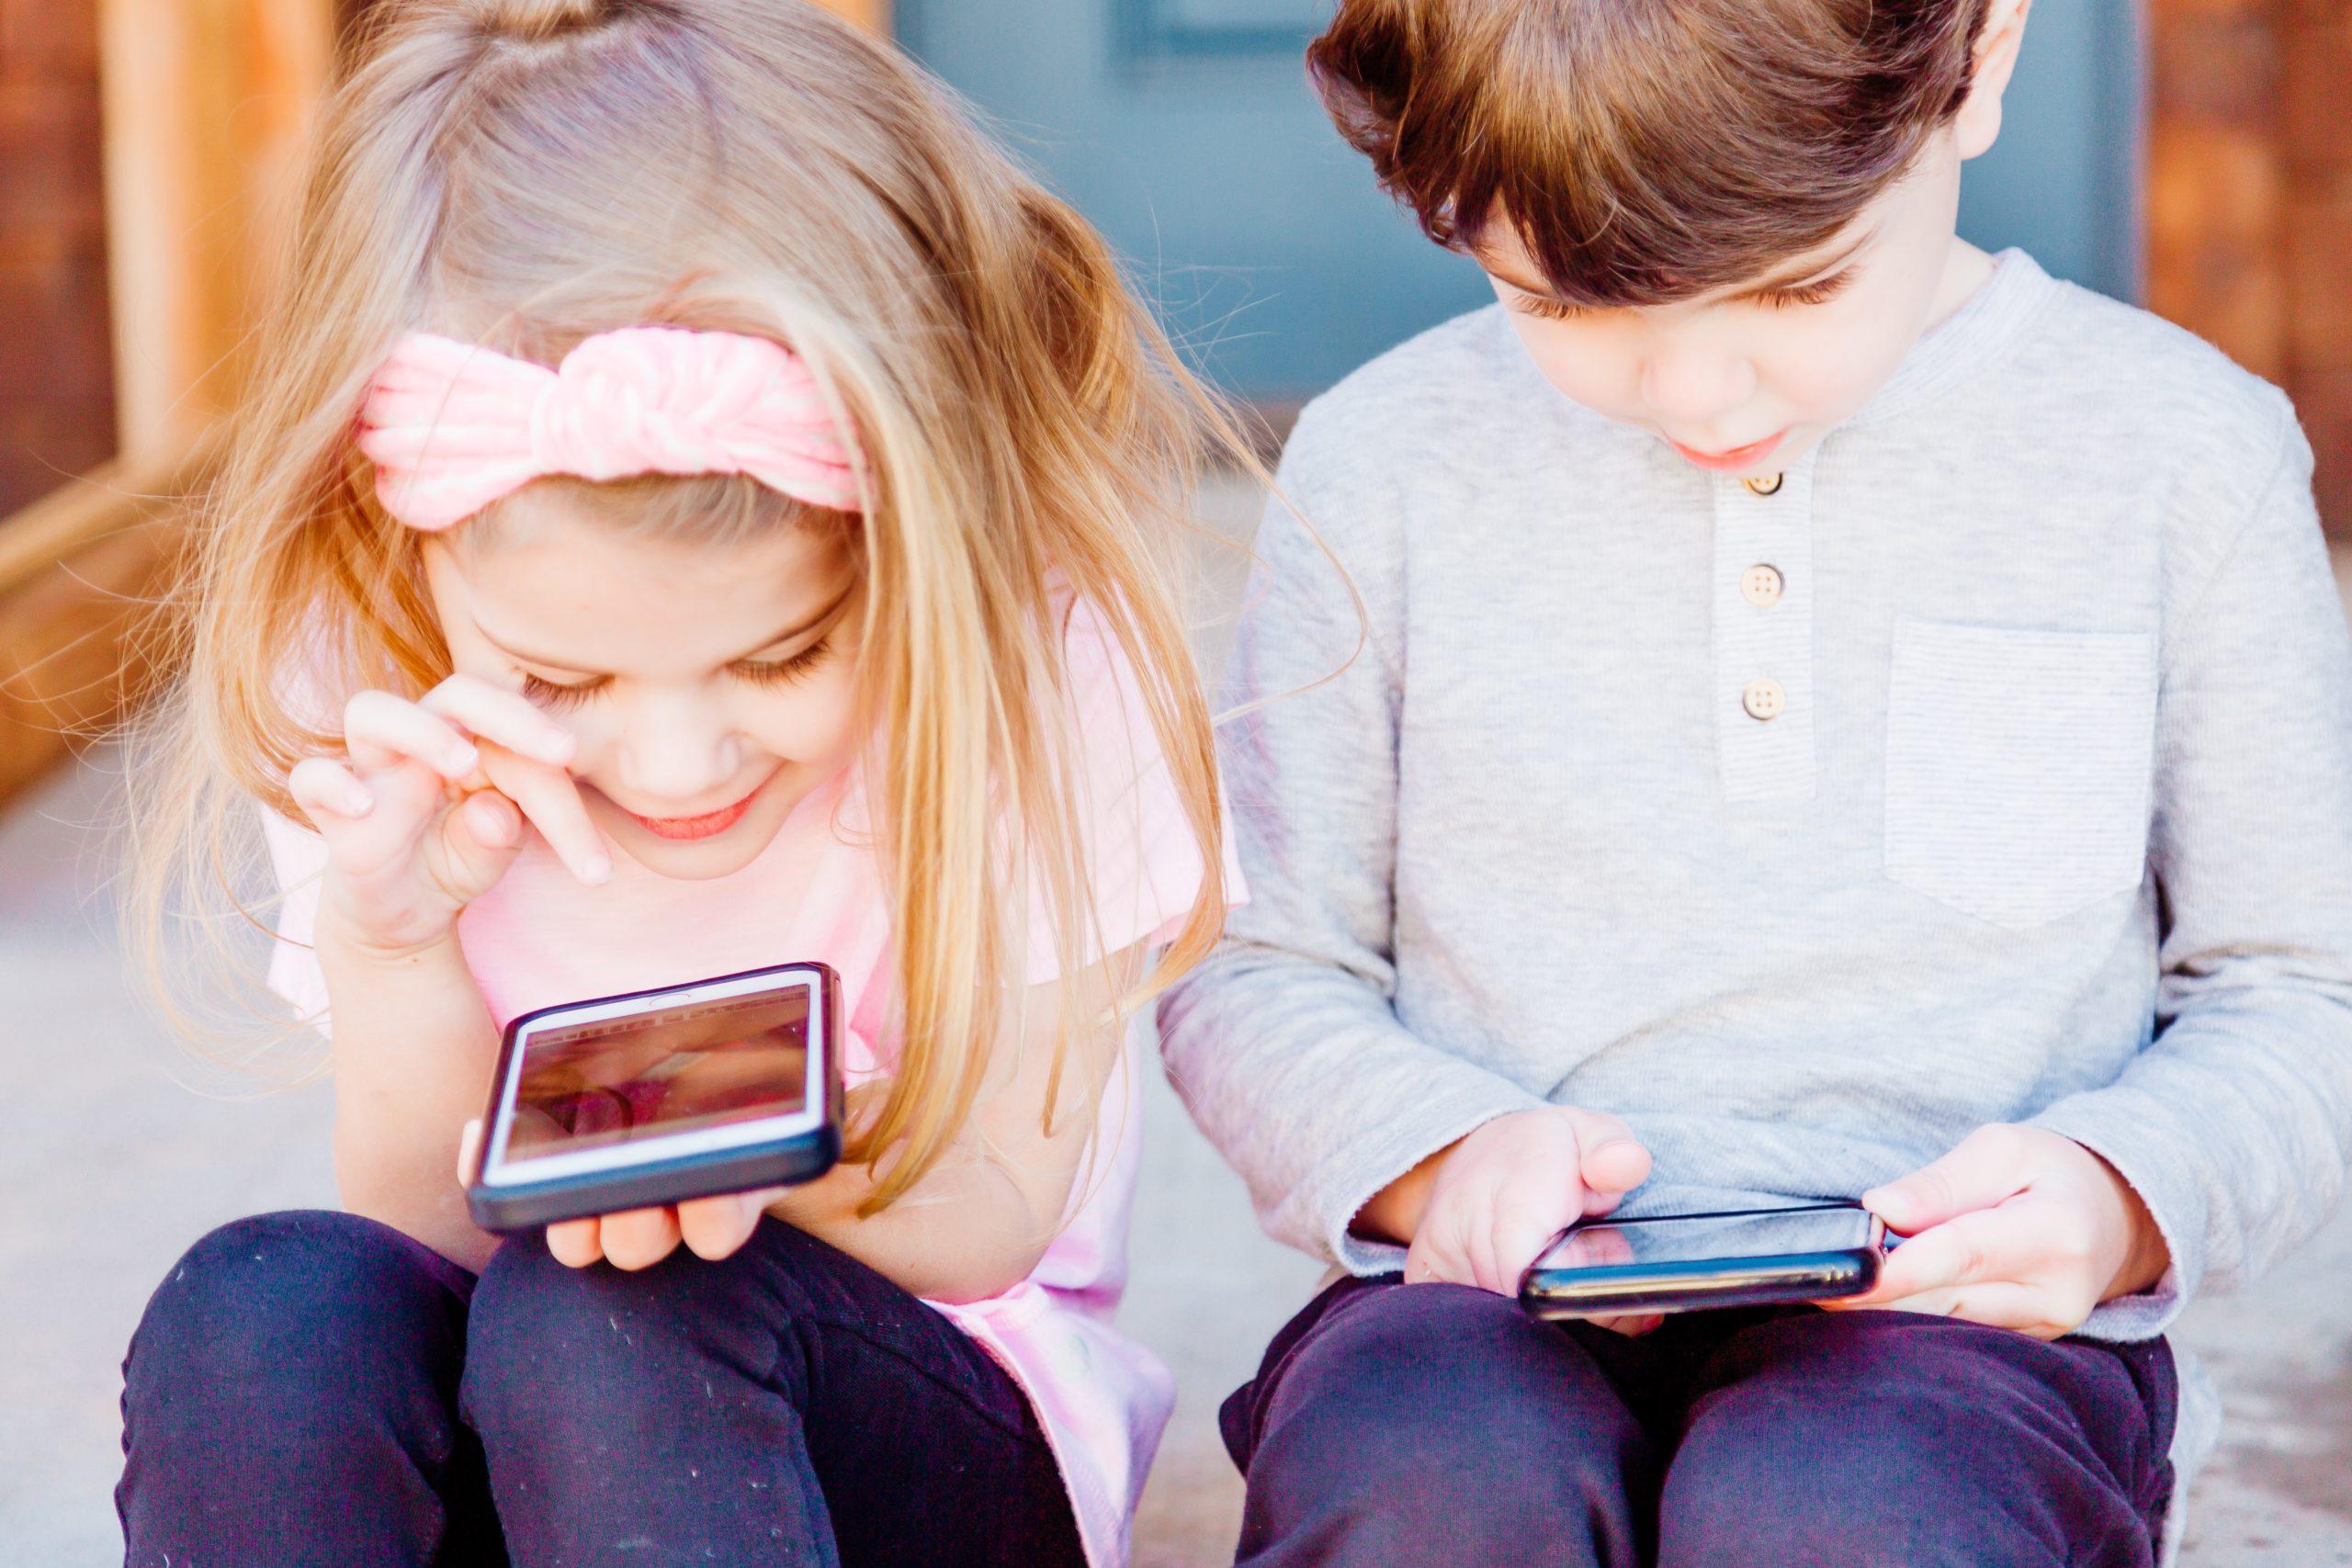 Ein kleines Mädchen und ein kleiner Junge schauen jeweils auf ein Handy in ihren Händen.